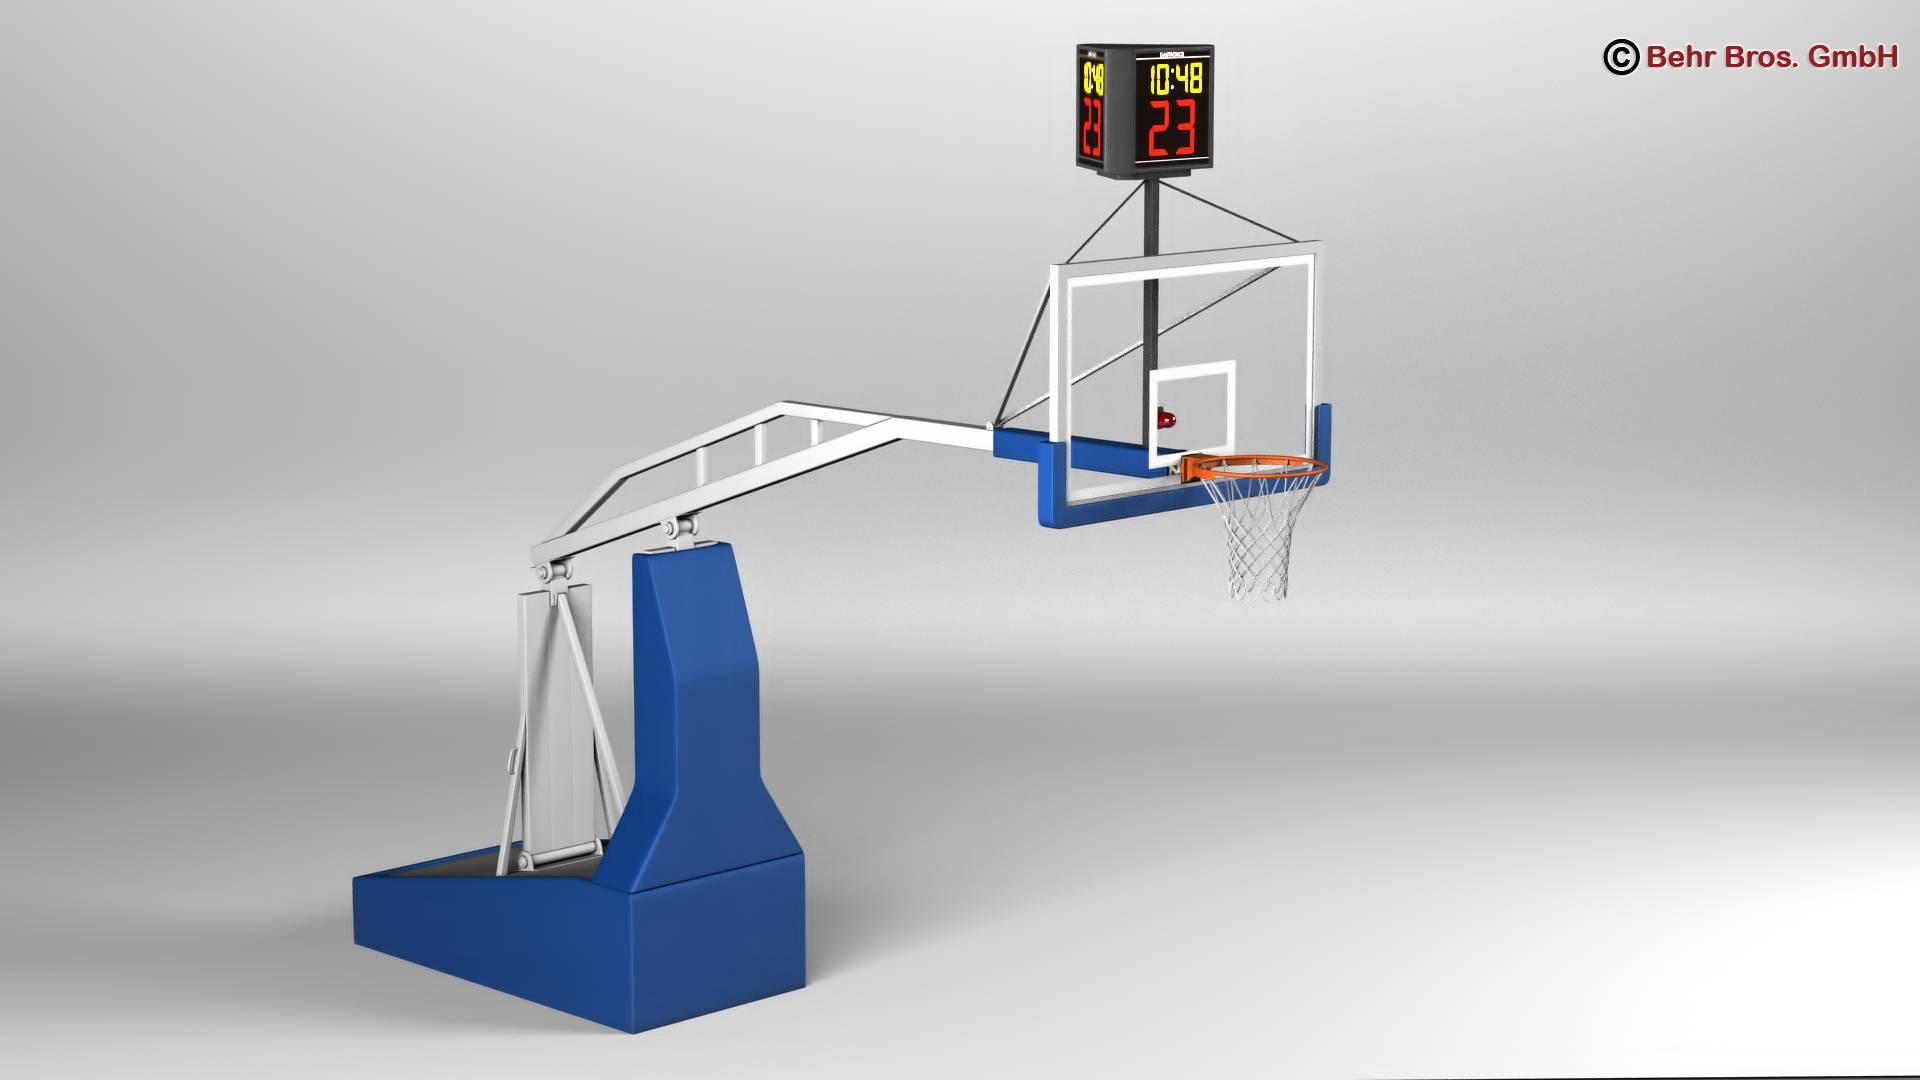 košarkaška arena v2 3d model 3ds max fbx c4d lwo ma mb obj 222371